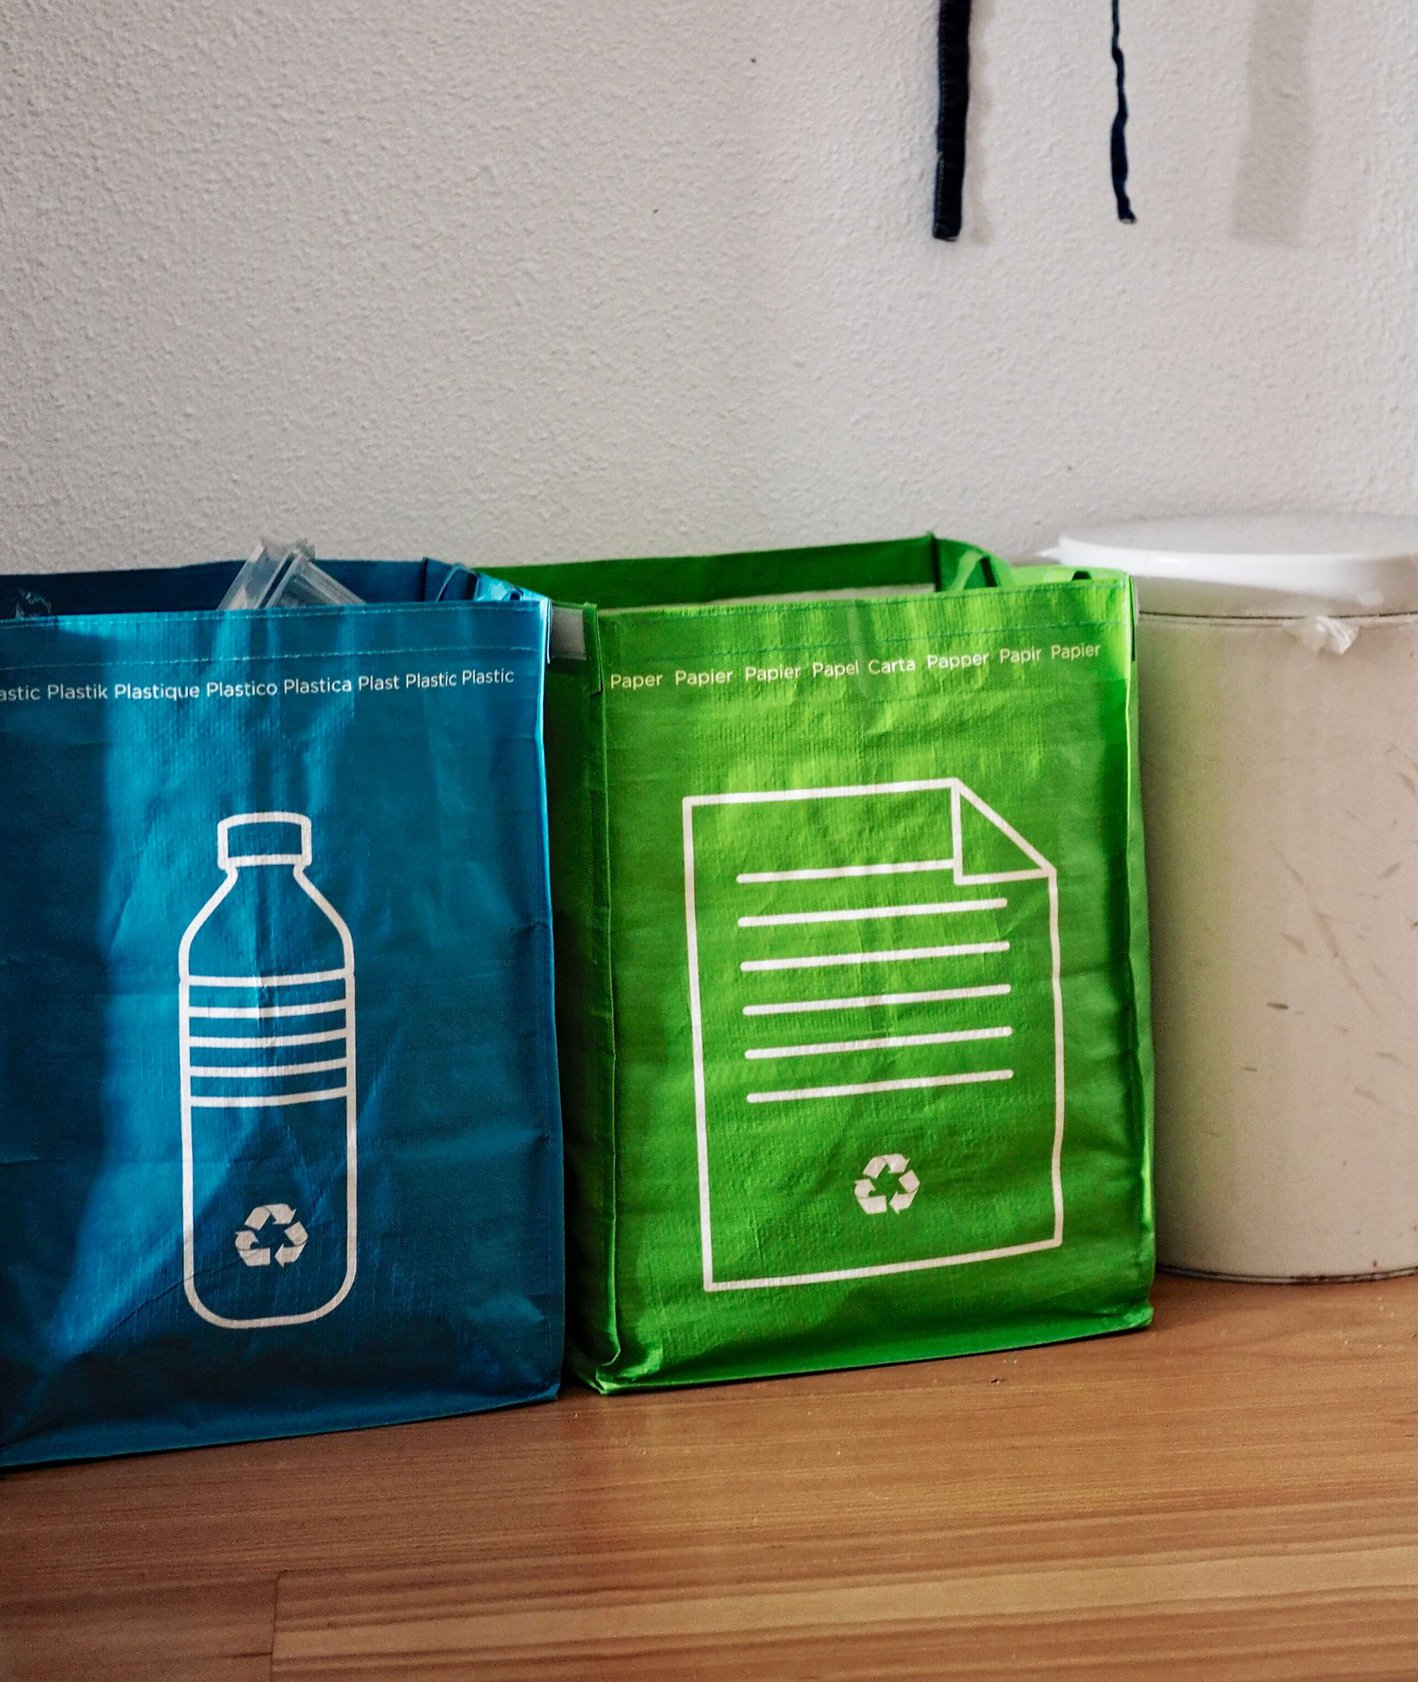 Eko torby na śmieci do segredowania odpadków (fot. Eric de Redelijkheid)